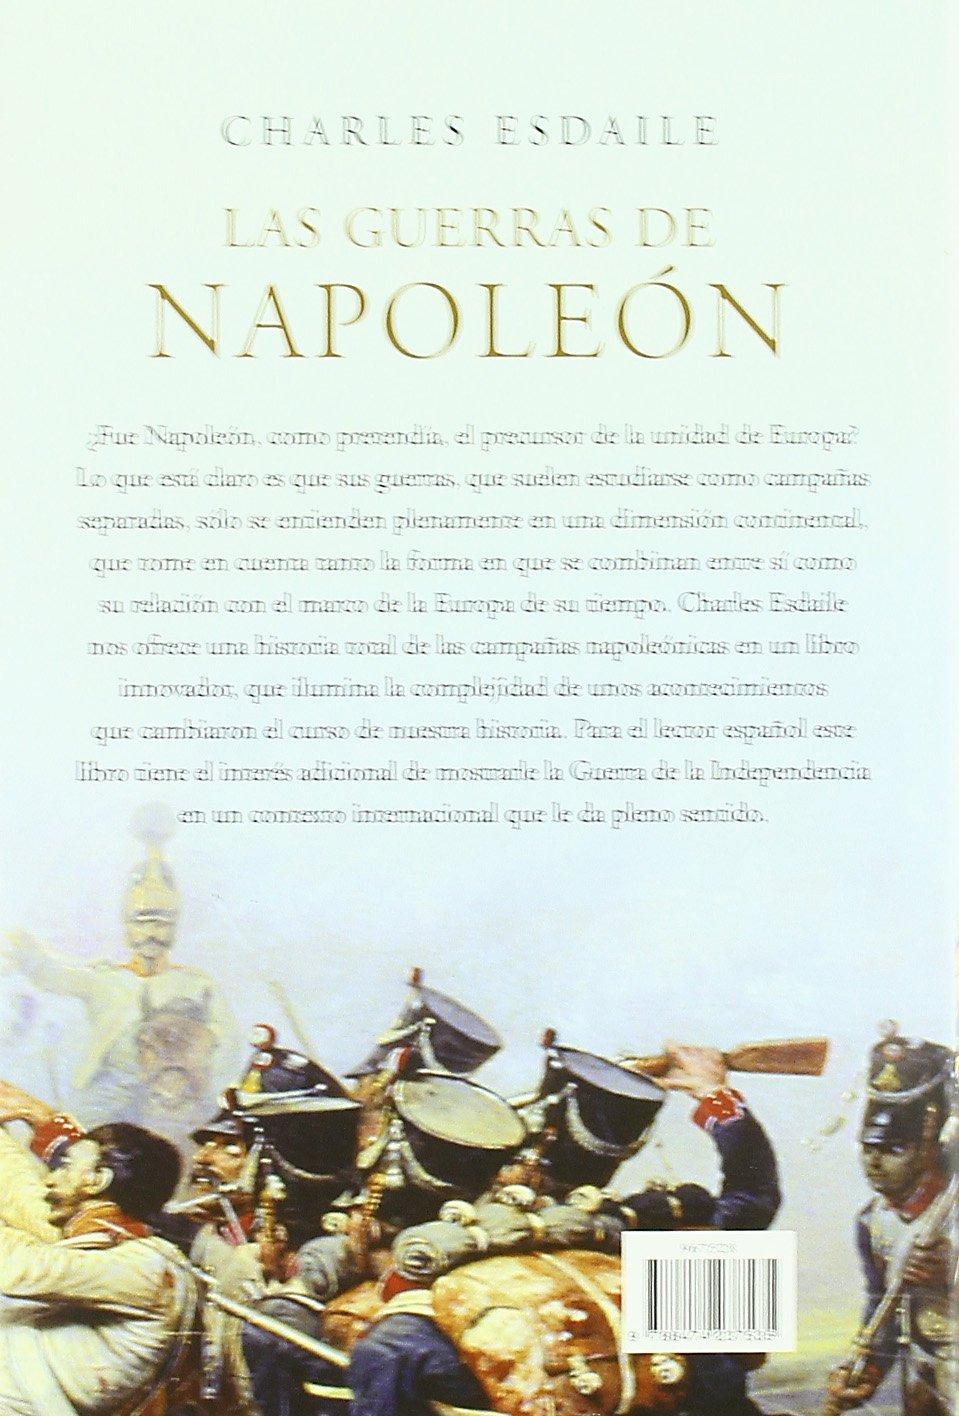 Las guerras de Napoleón: Una historia internacional, 1803-1815 Serie Mayor: Amazon.es: Esdaile, Charles: Libros